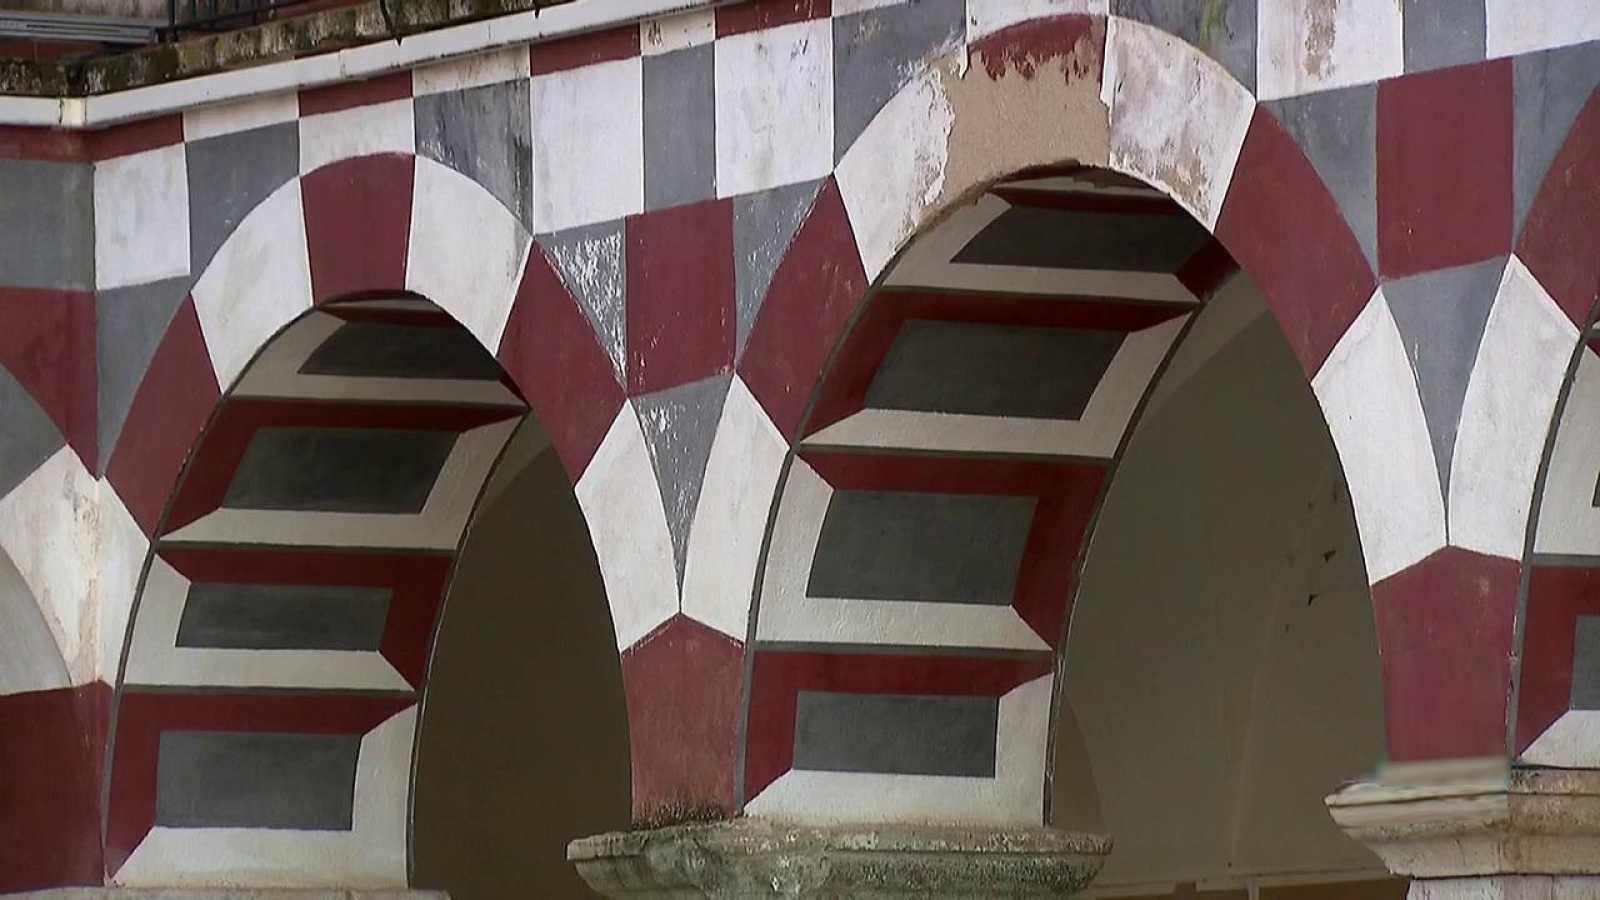 Medina en TVE - Legado islámico Badajoz - ver ahora